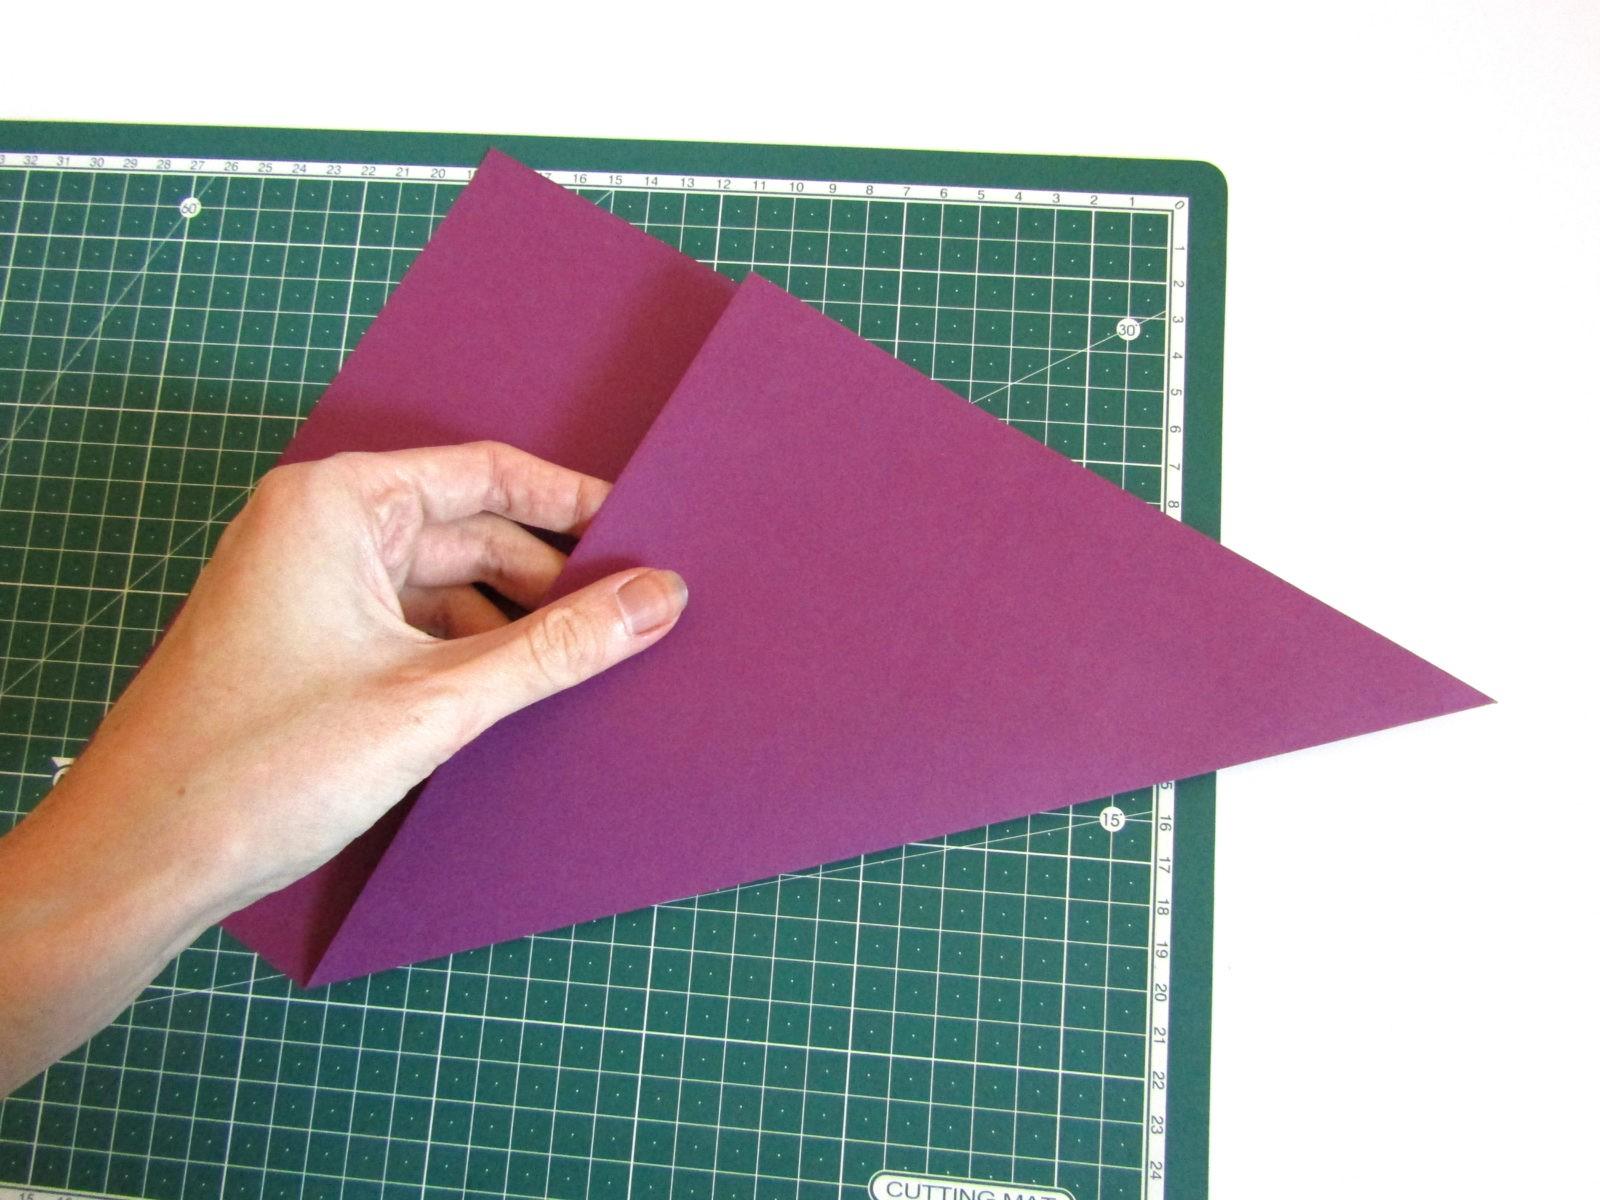 Очень легко и просто можно создать объемную поделку без использования клея. Конечно, даже ножницы могут и не понадобиться, если изначально у вас будет готовая заготовка в виде квадрата. Так получим собачку оригами благодаря ловкости рук! - 1